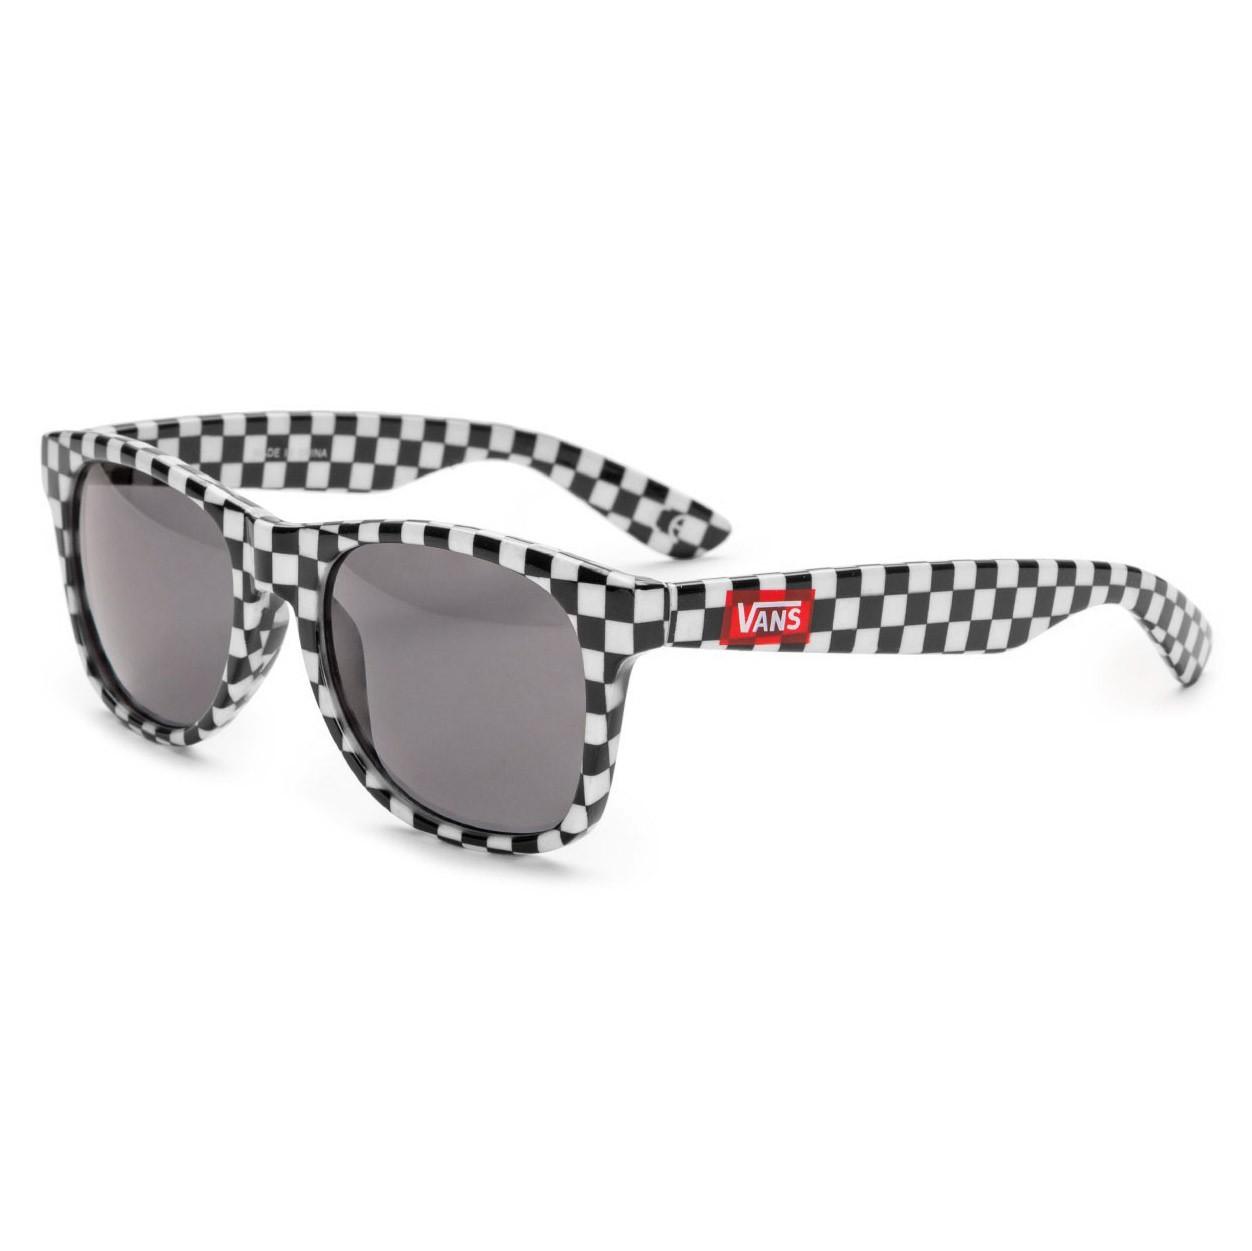 Sluneční brýle Vans Spicoli 4 Shades black checkerboard